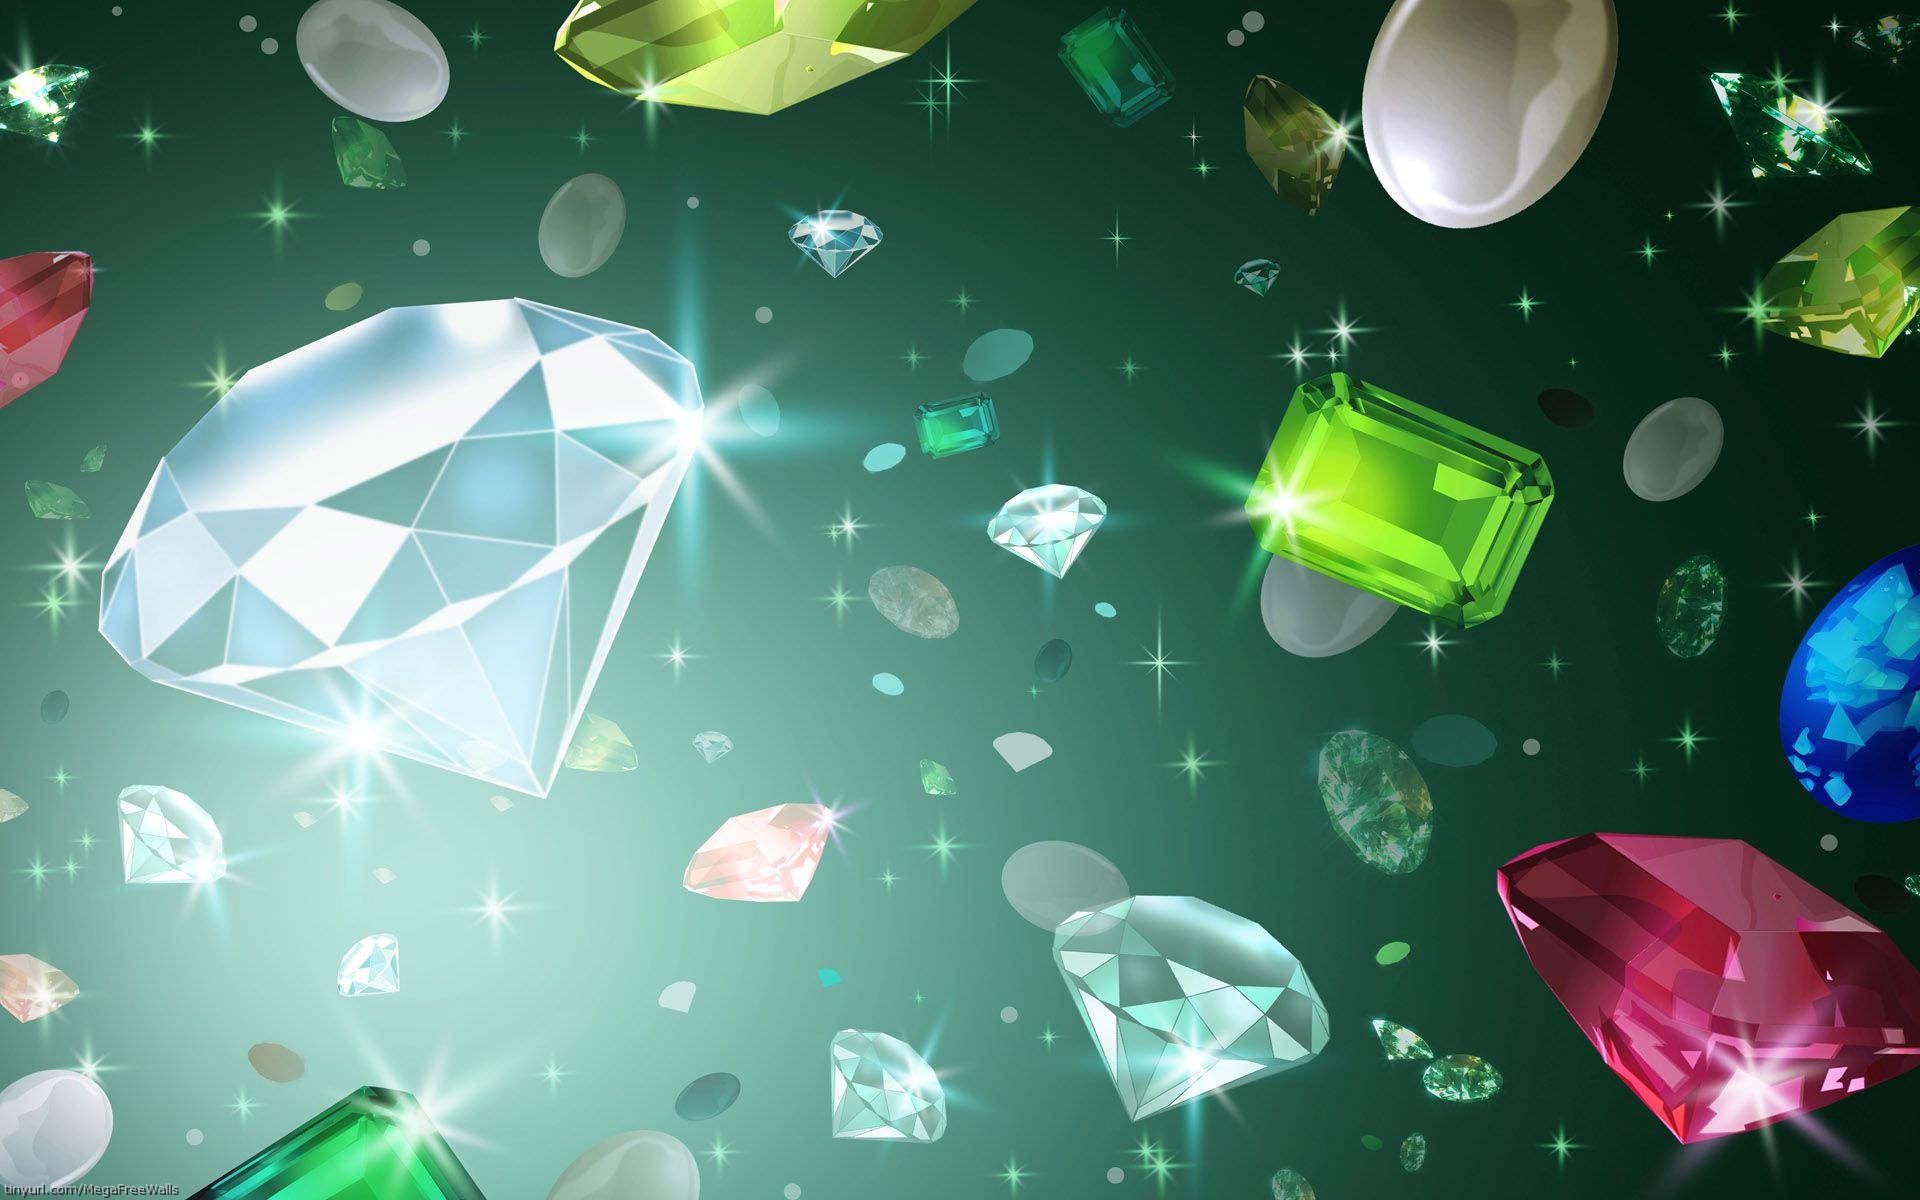 High Resolution Crystal Wallpaper